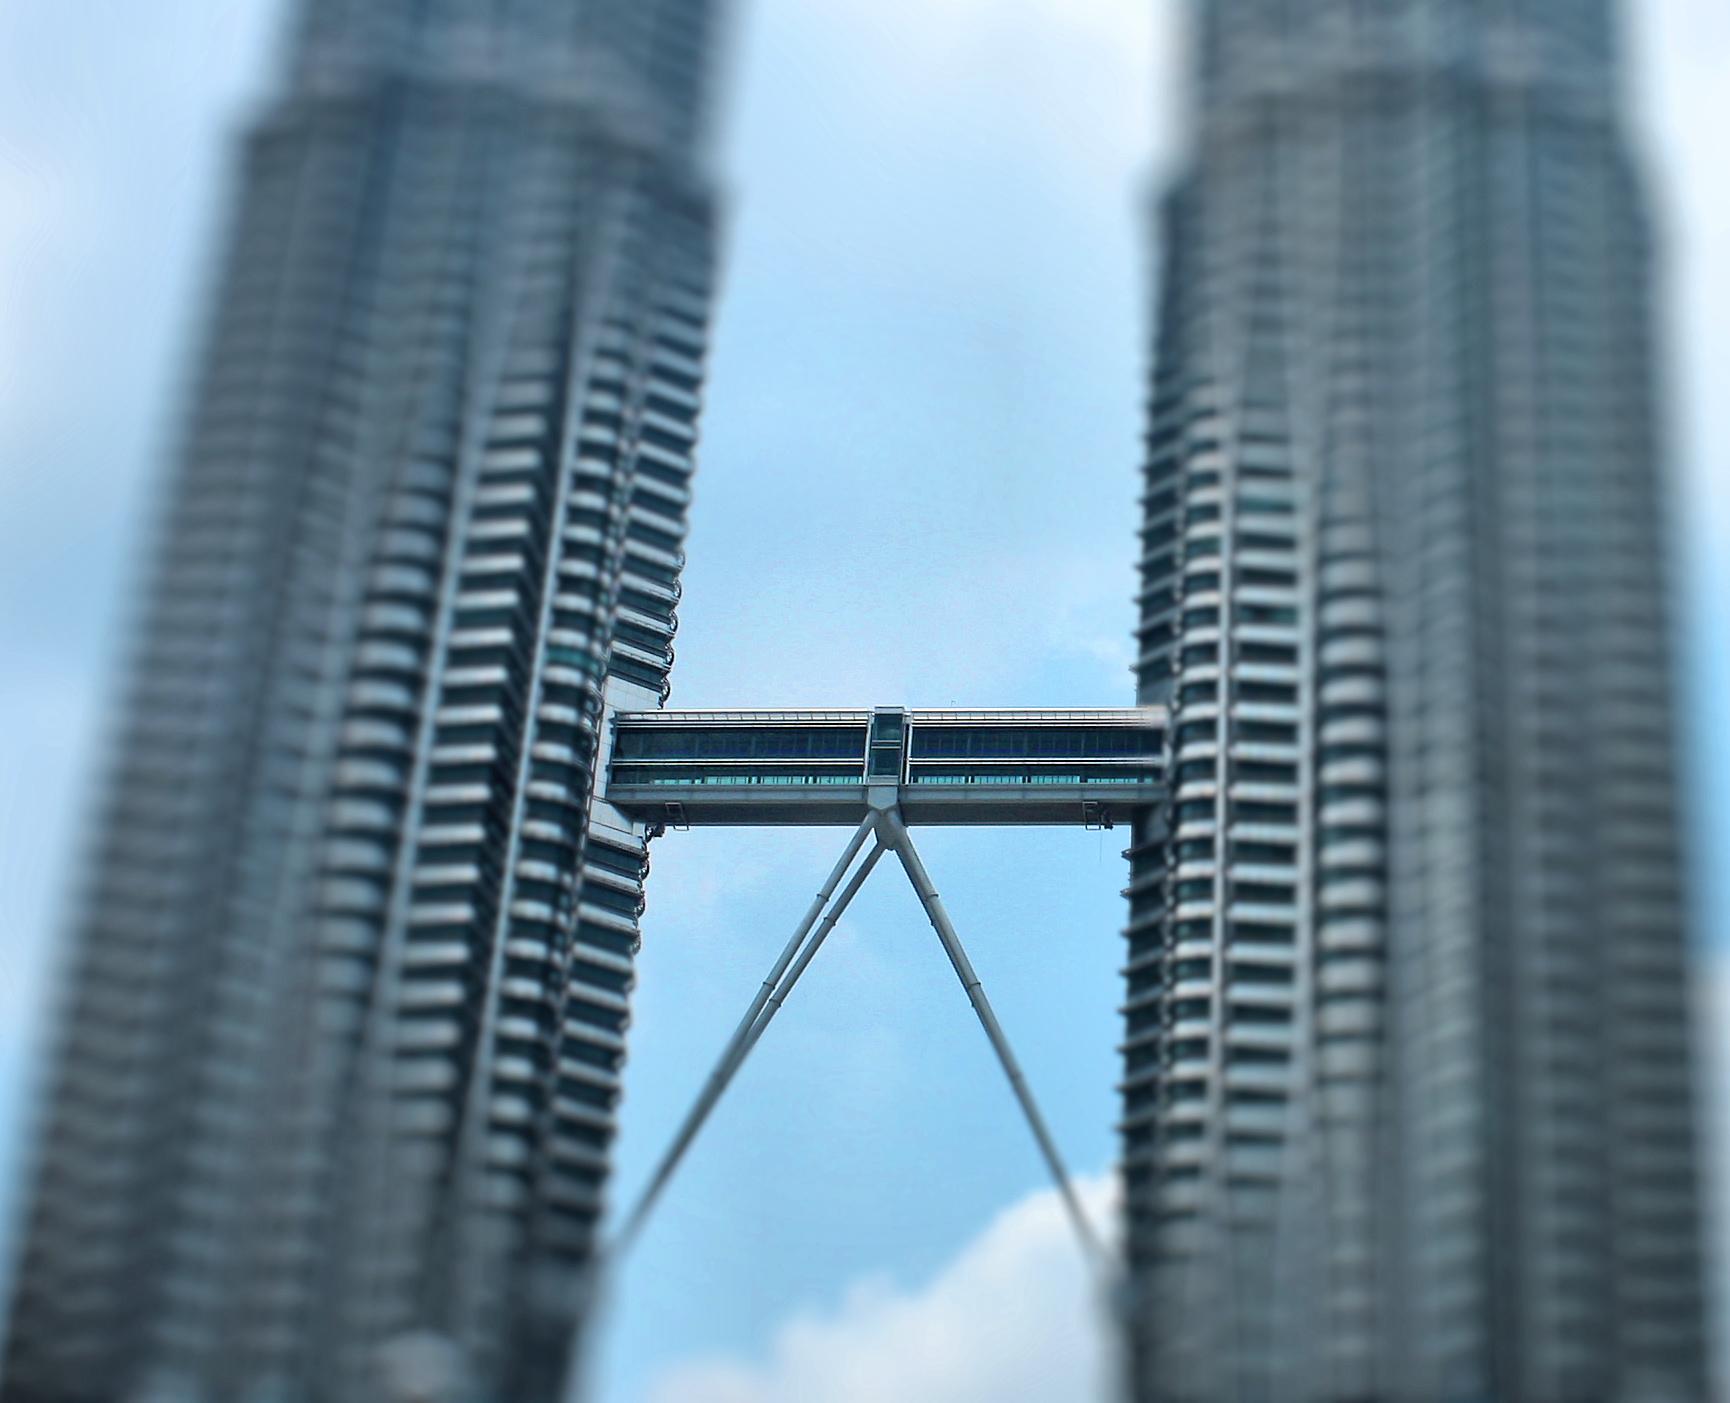 اهم الانشطة عند البرجين التوأمين بتروناس في ماليزيا | برجا بتروناس ماليزيا